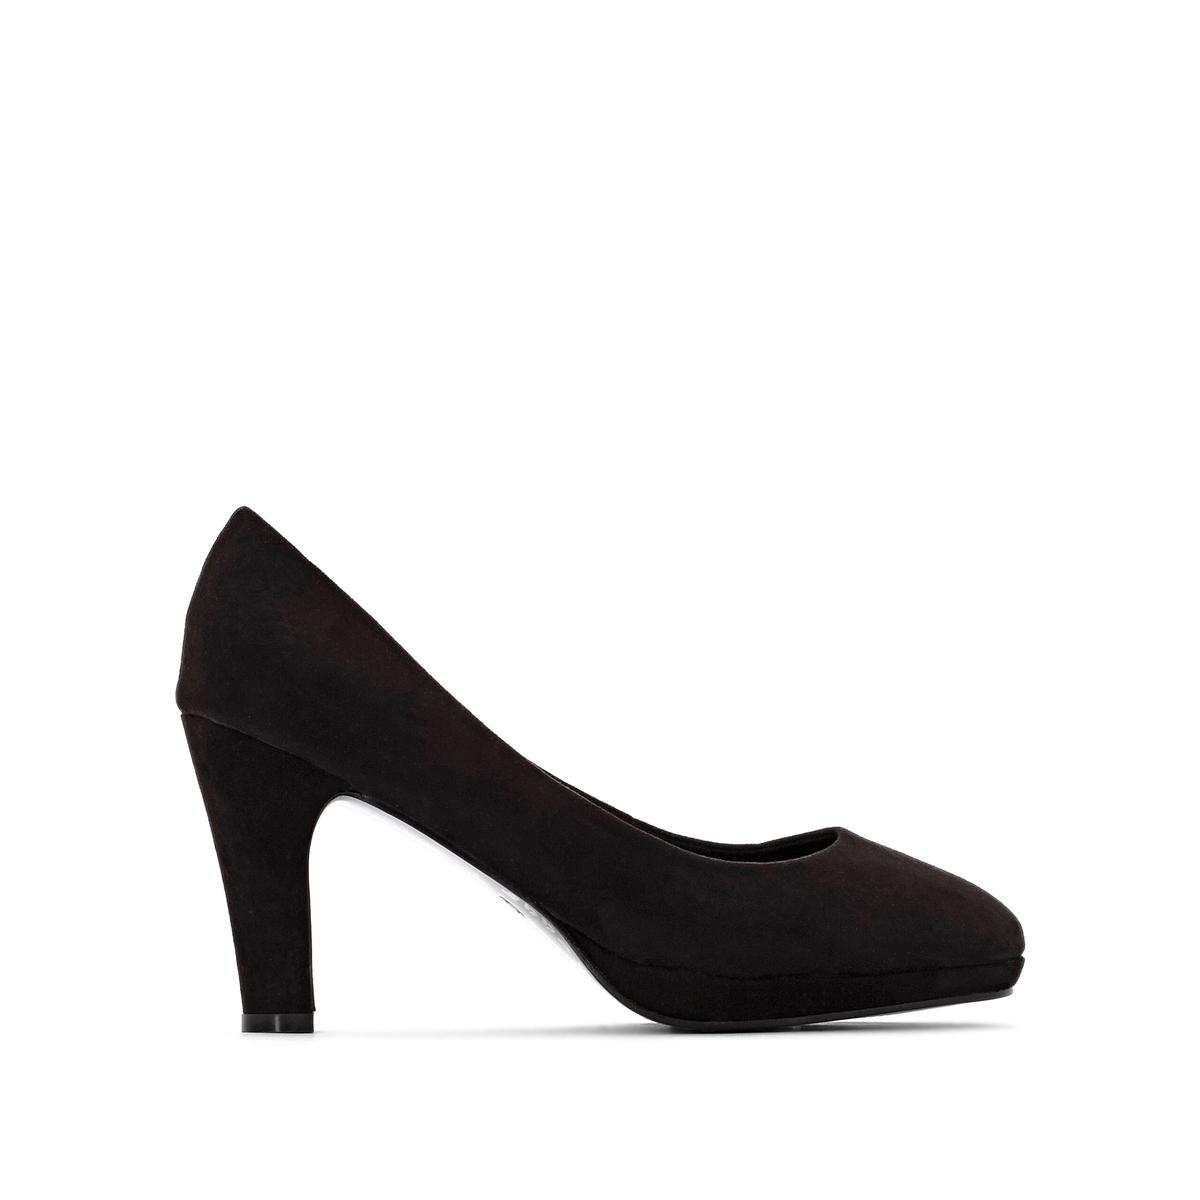 Туфли La Redoute На платформе на широкую стопу размеры - 41 черный сапоги la redoute в байкерском стиле на широкую стопу 38 черный